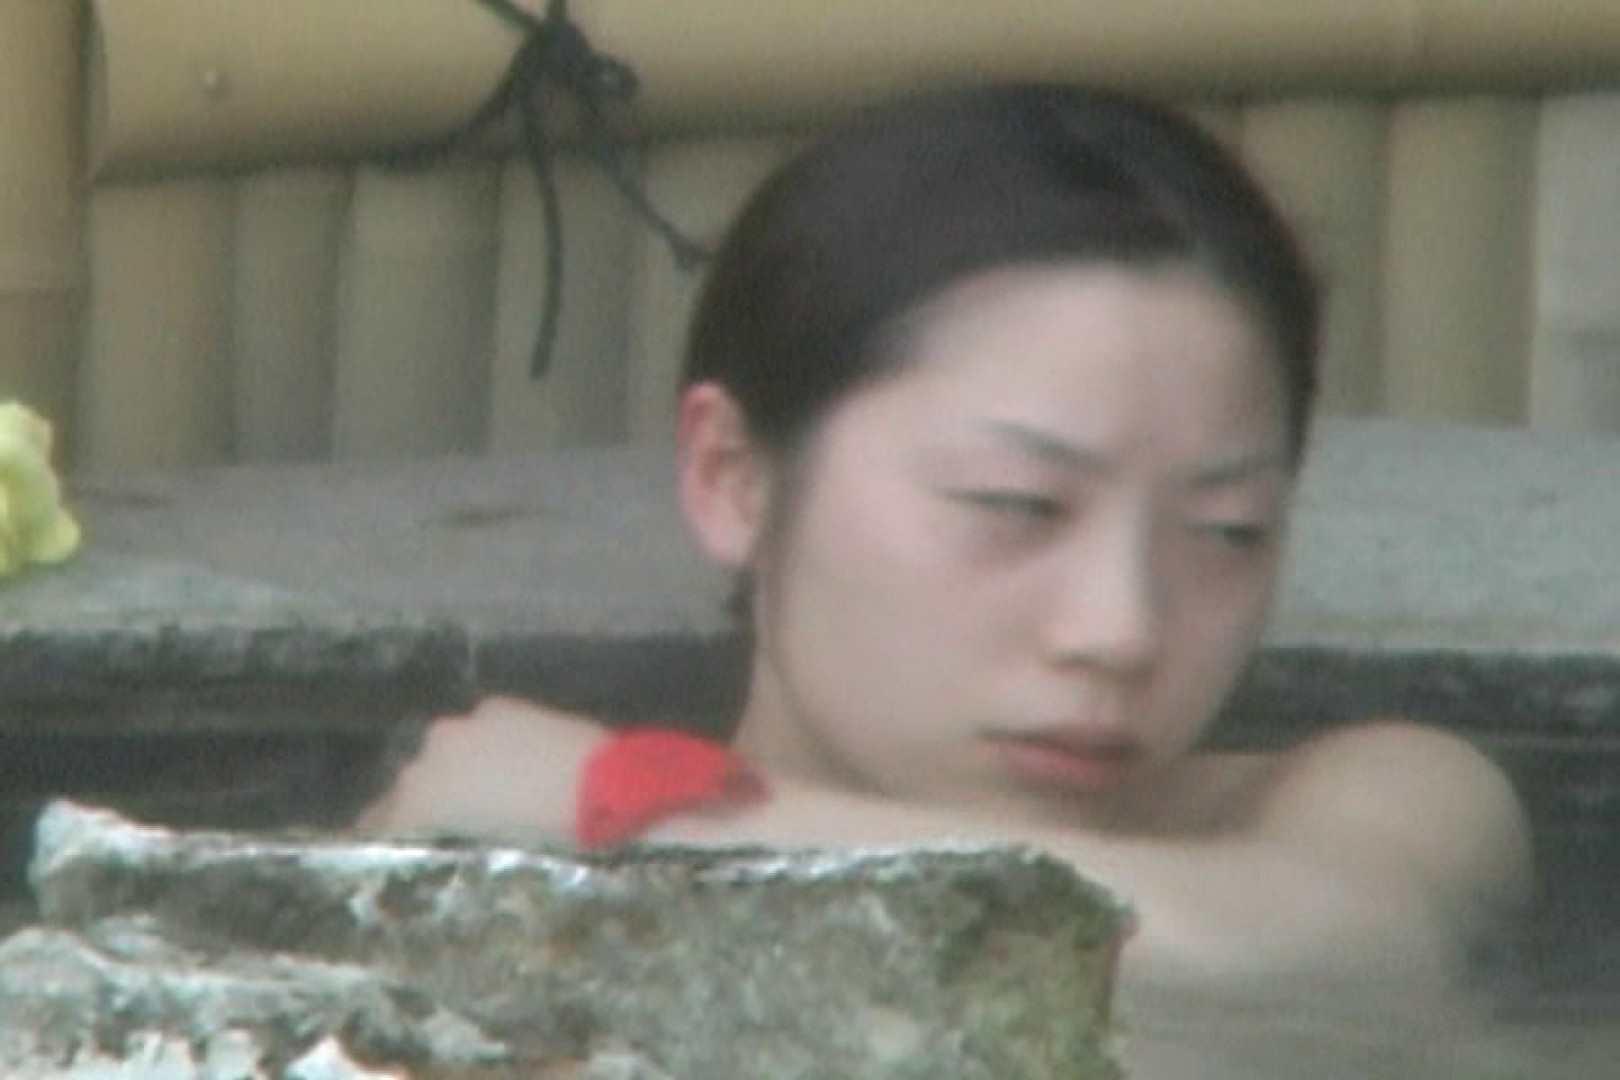 Aquaな露天風呂Vol.596 盗撮シリーズ  113PIX 10